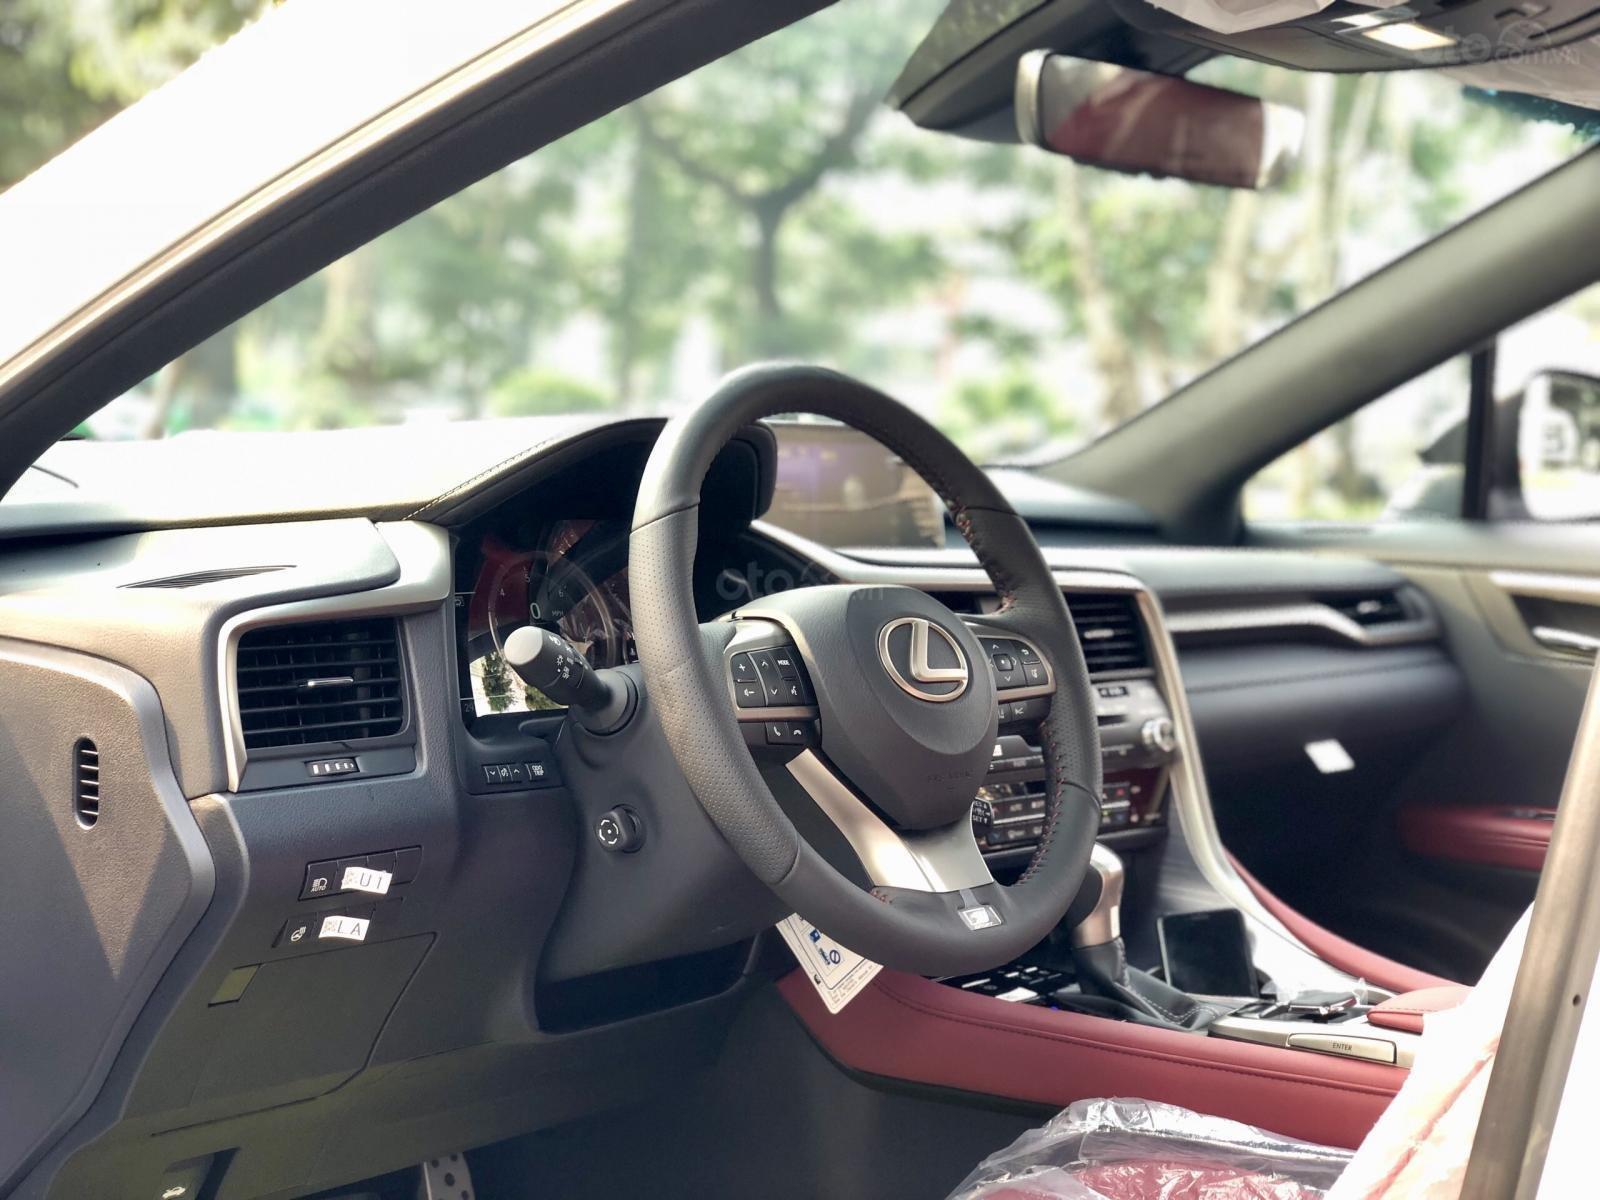 Bán xe Lexus RX350 Fsport 2019 màu trắng, mới 100% nhậP Mỹ. Trả trước 1 tỷ, bank hỗ trợ 80%. Em Lộc: 093.798.2266 (11)